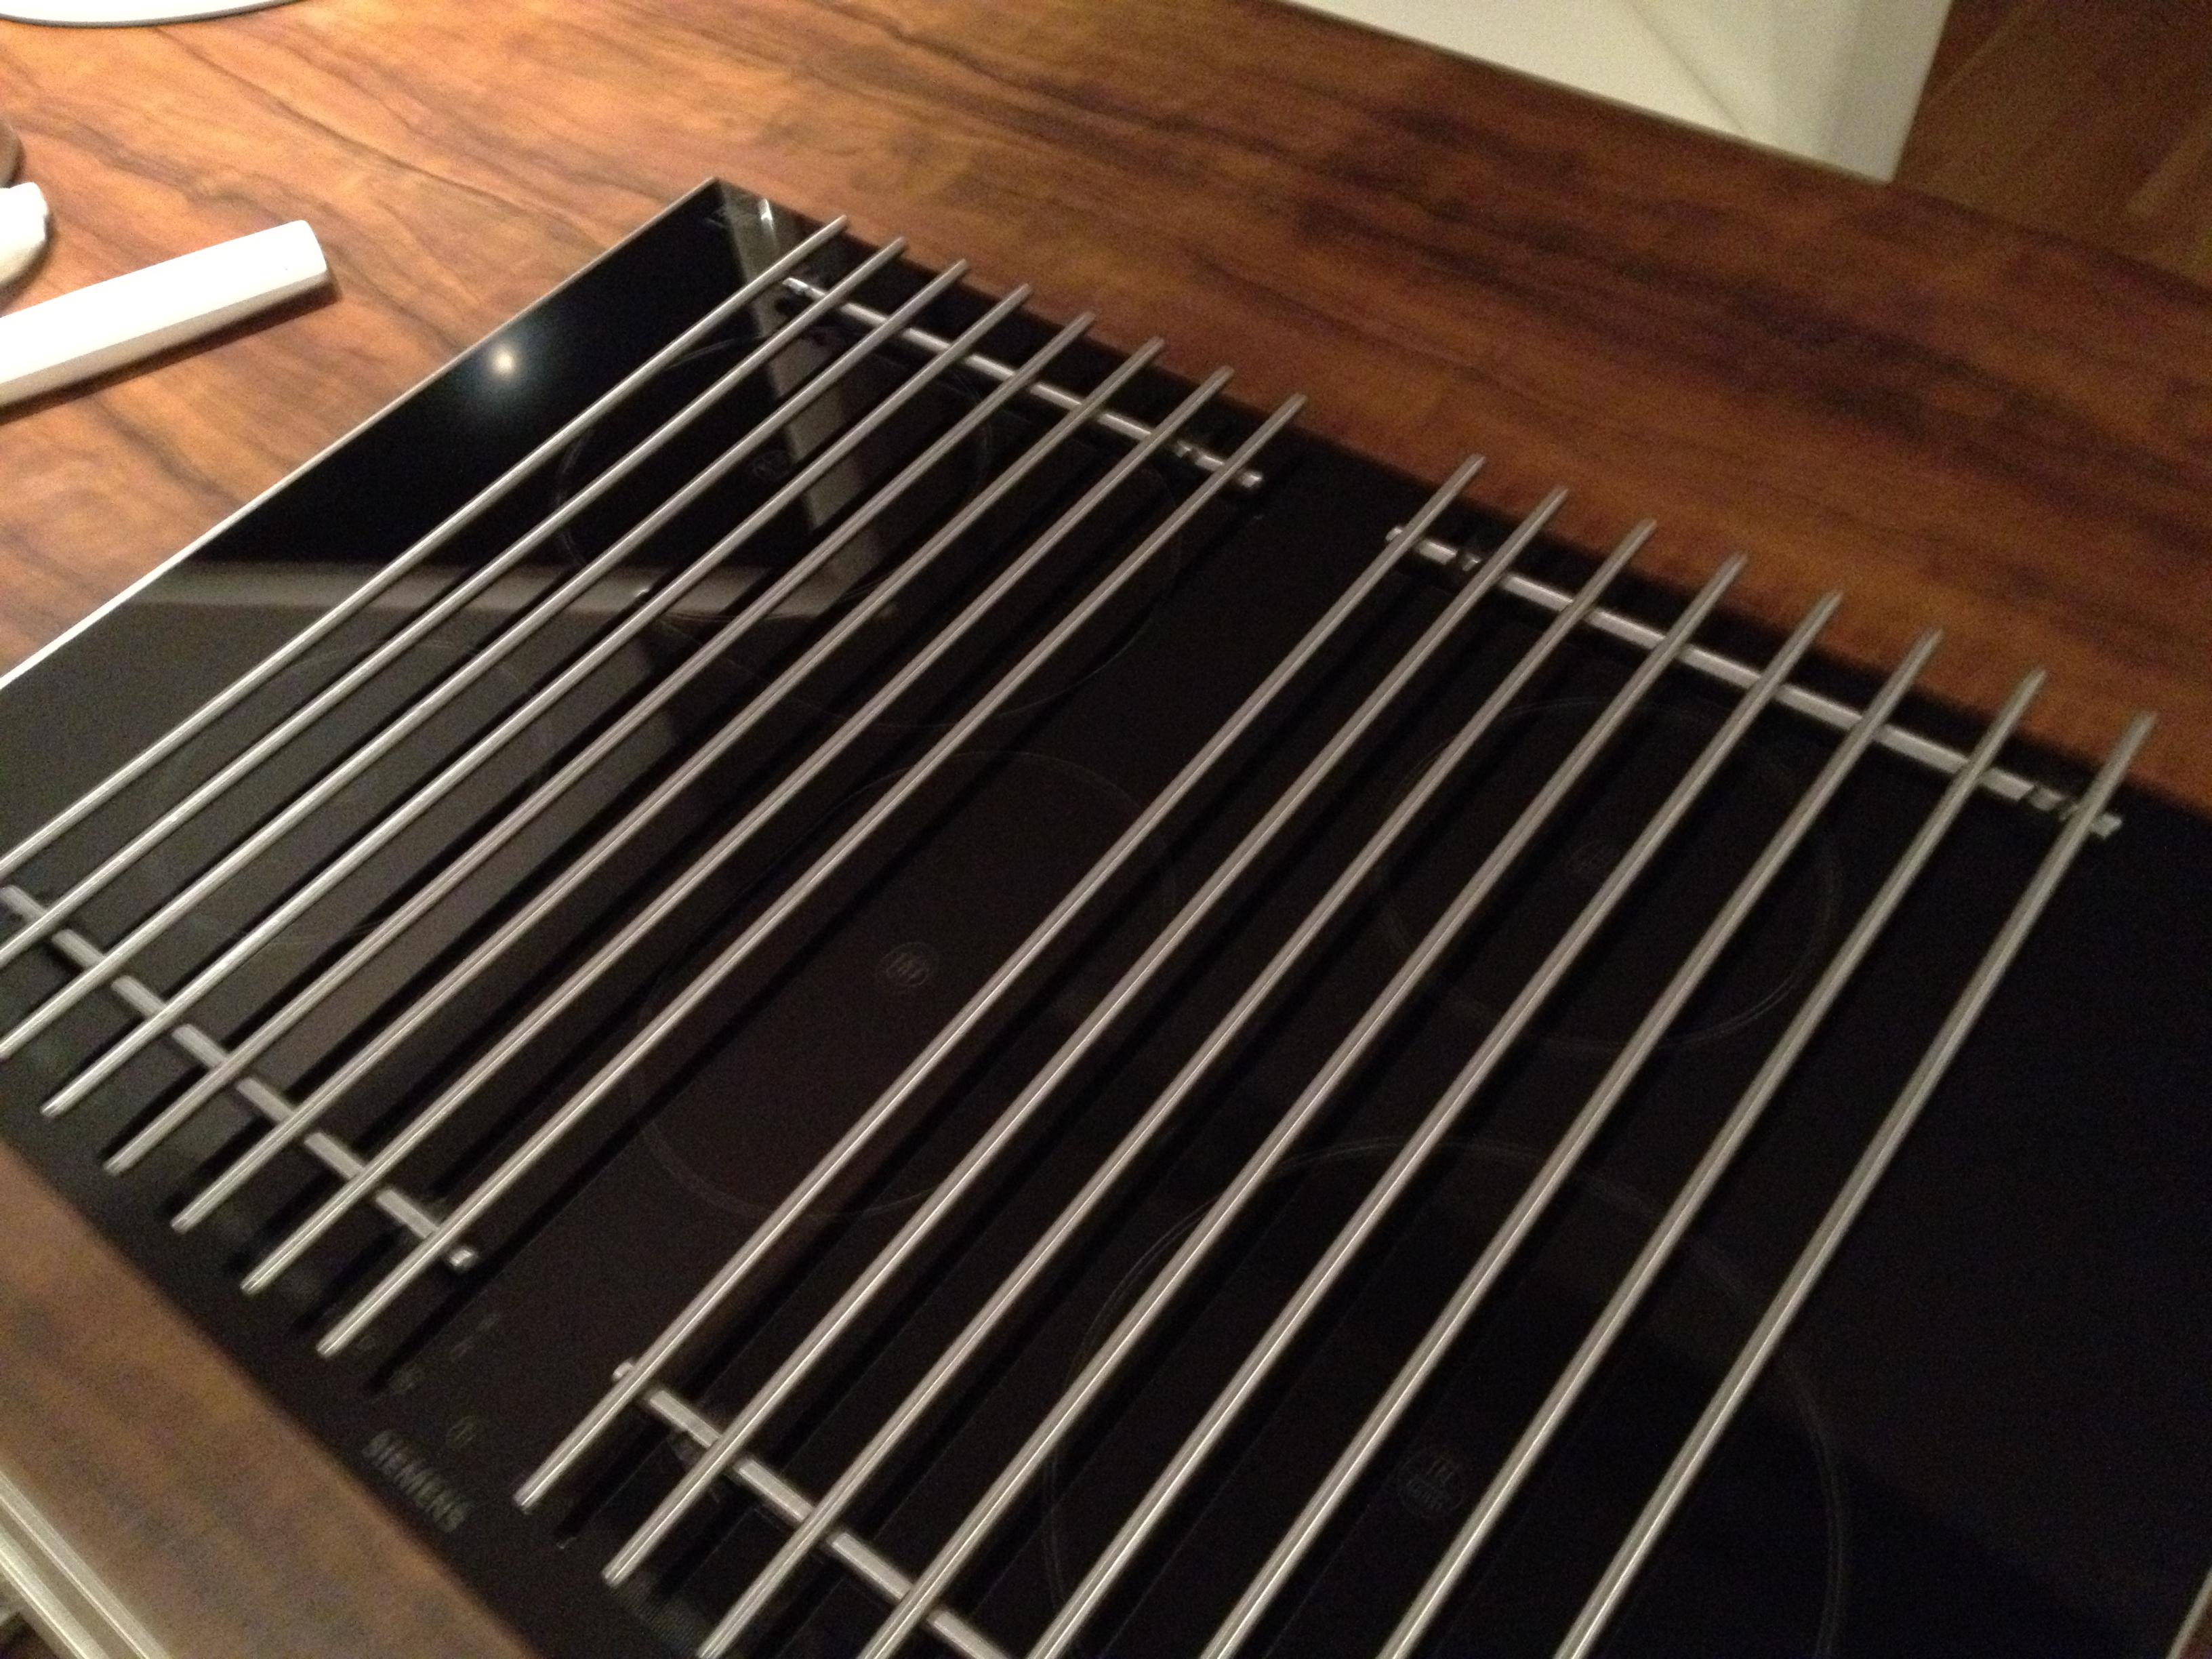 bitte um eure erfahrungen herdabdeckung fuer induktion. Black Bedroom Furniture Sets. Home Design Ideas